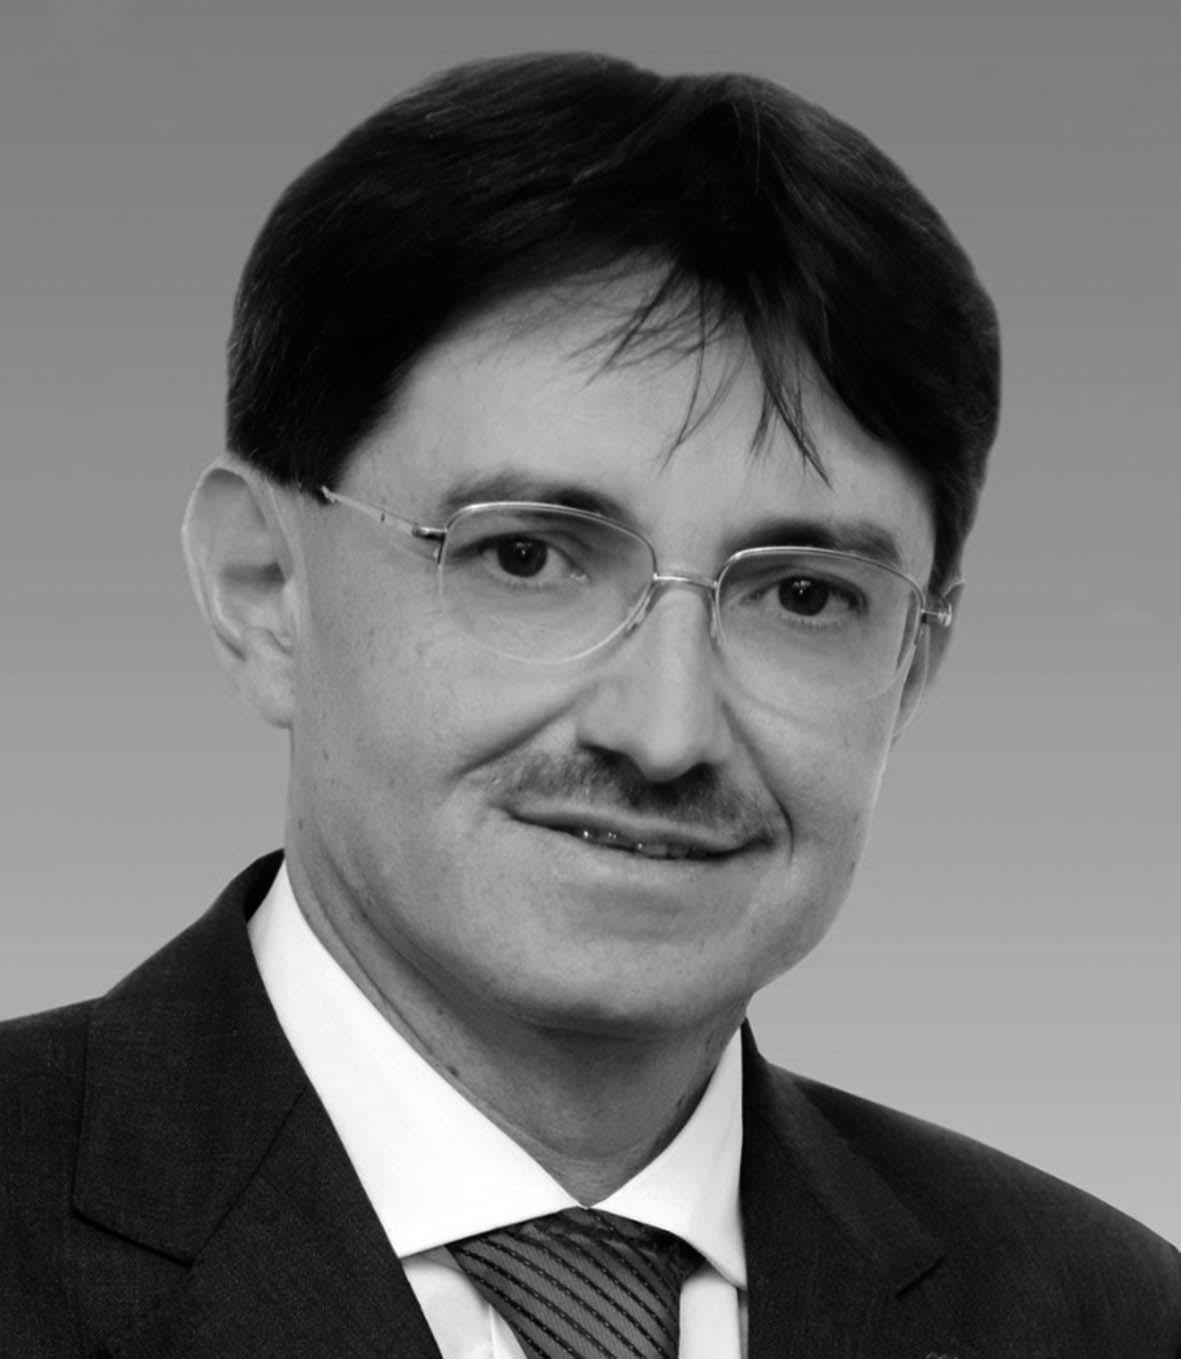 Fabianno Cavalcante de Carvalho Reitor da Universidade Estadual Vale do Acaraú (UVA)